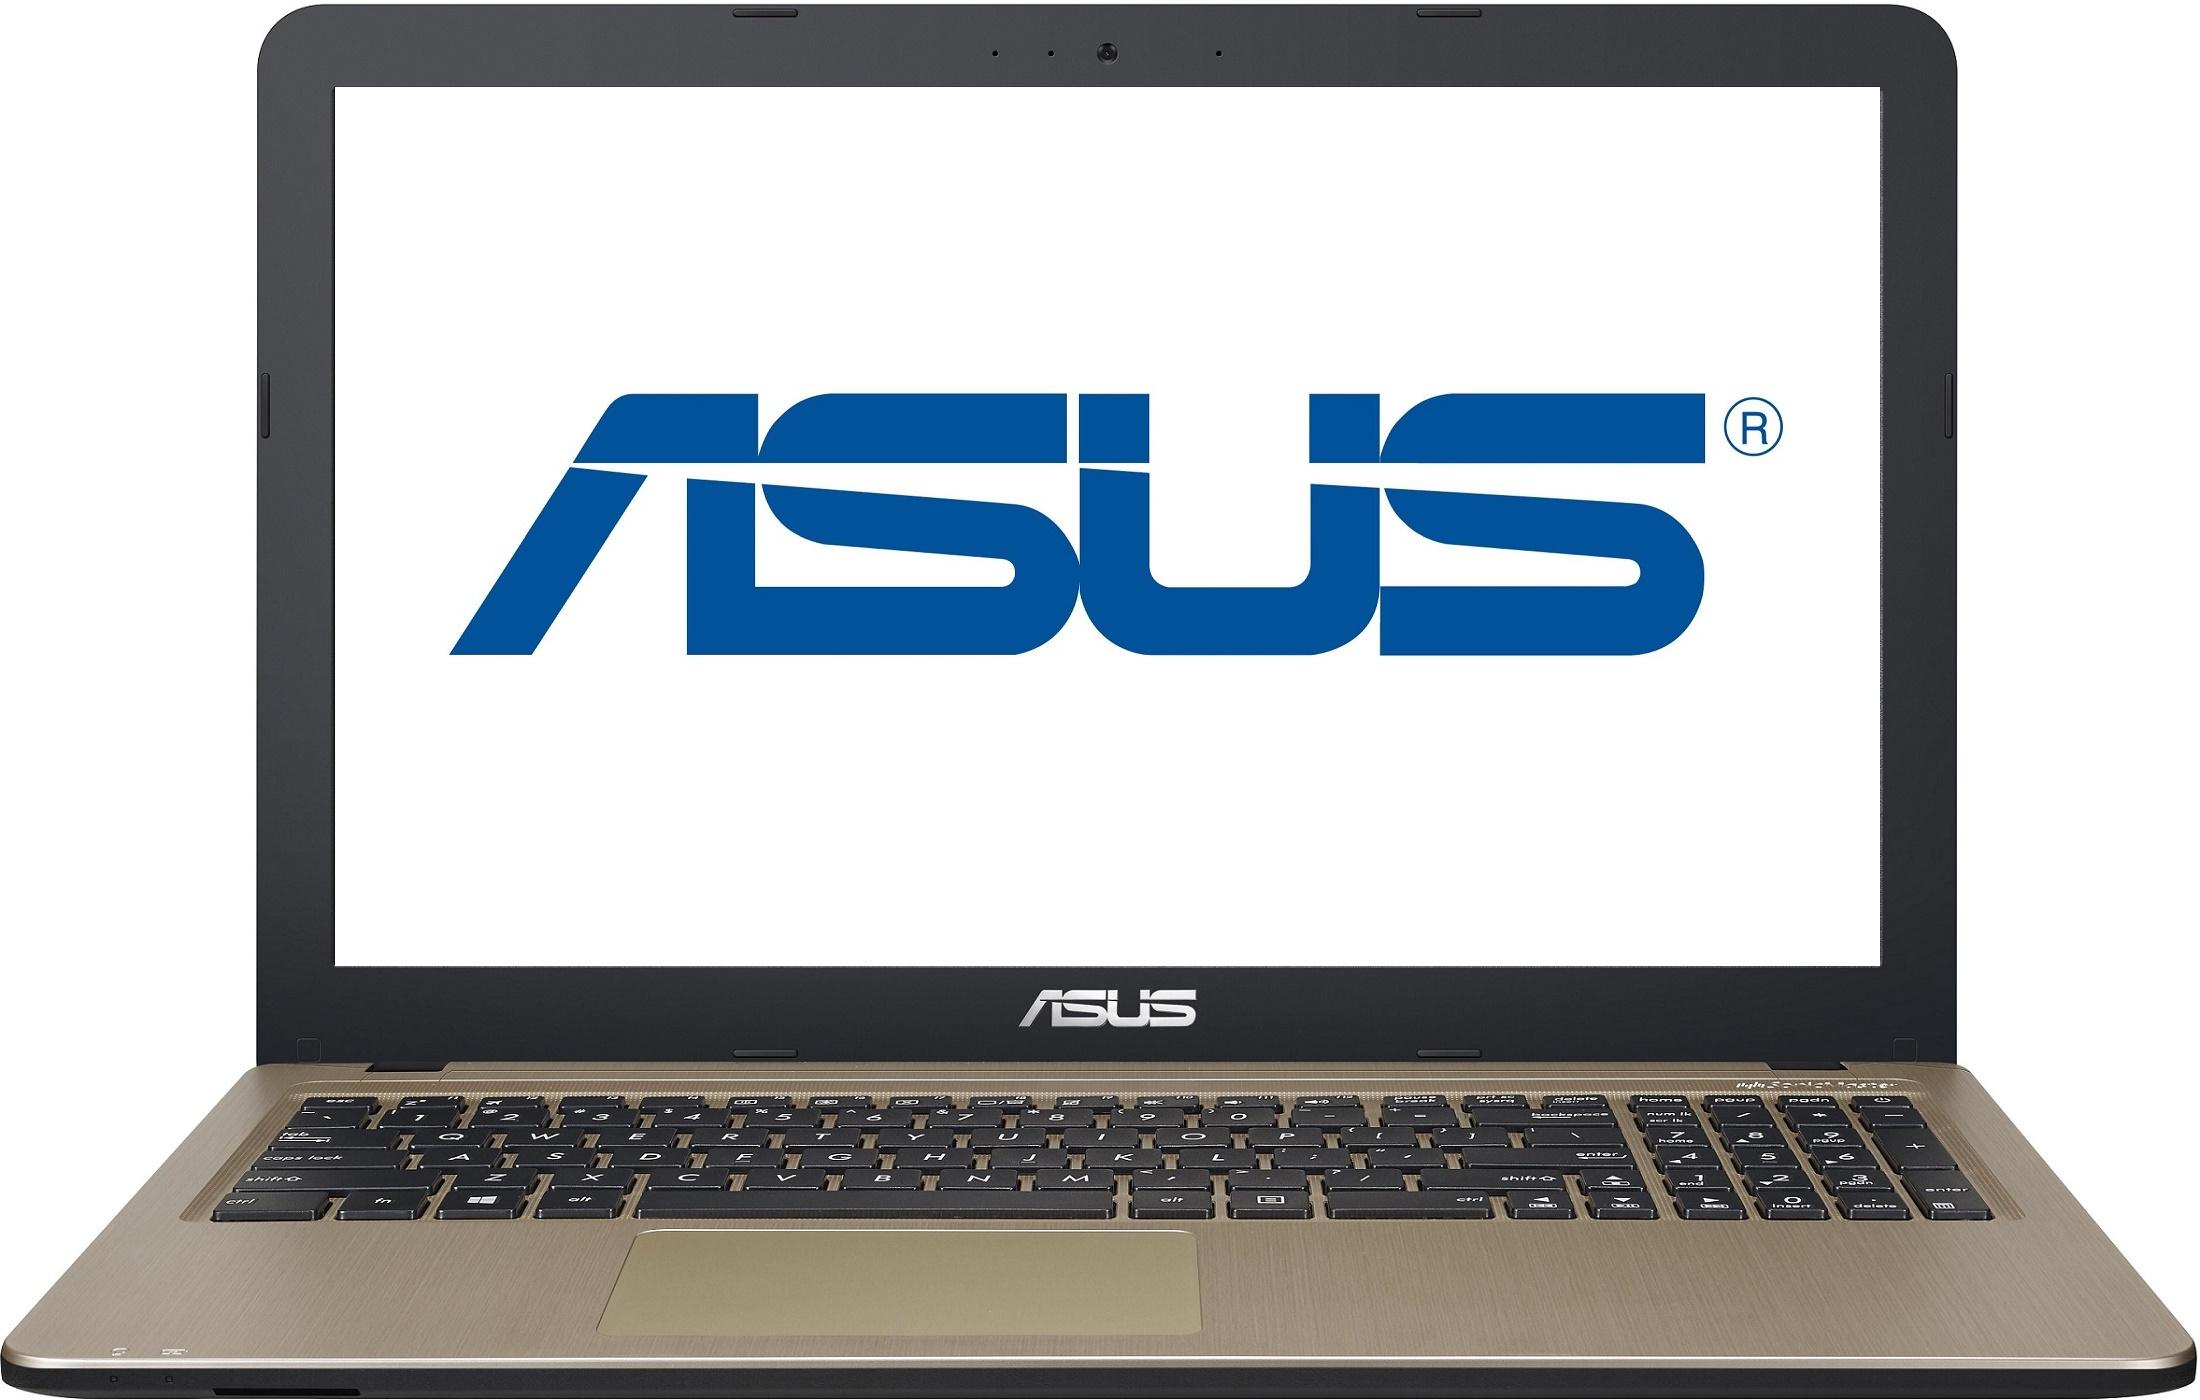 Купить Ноутбук ASUS VivoBook X540MB-DM011 Chocolate Black